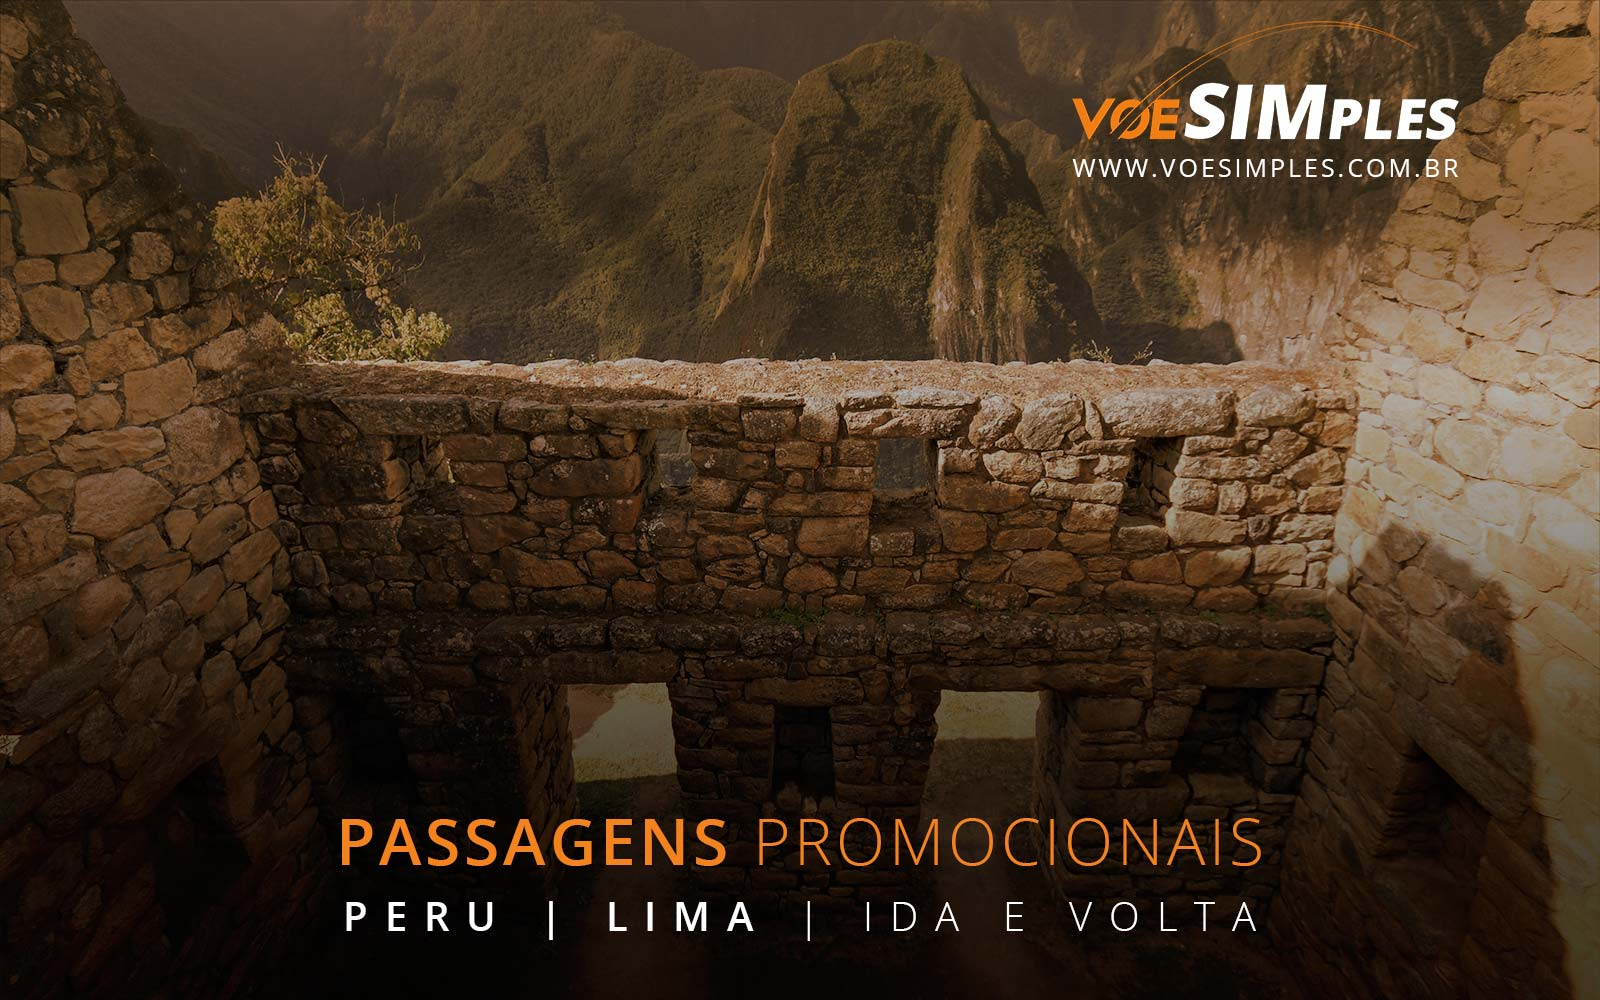 Passagens aéreas promocionais para Lima no Peru